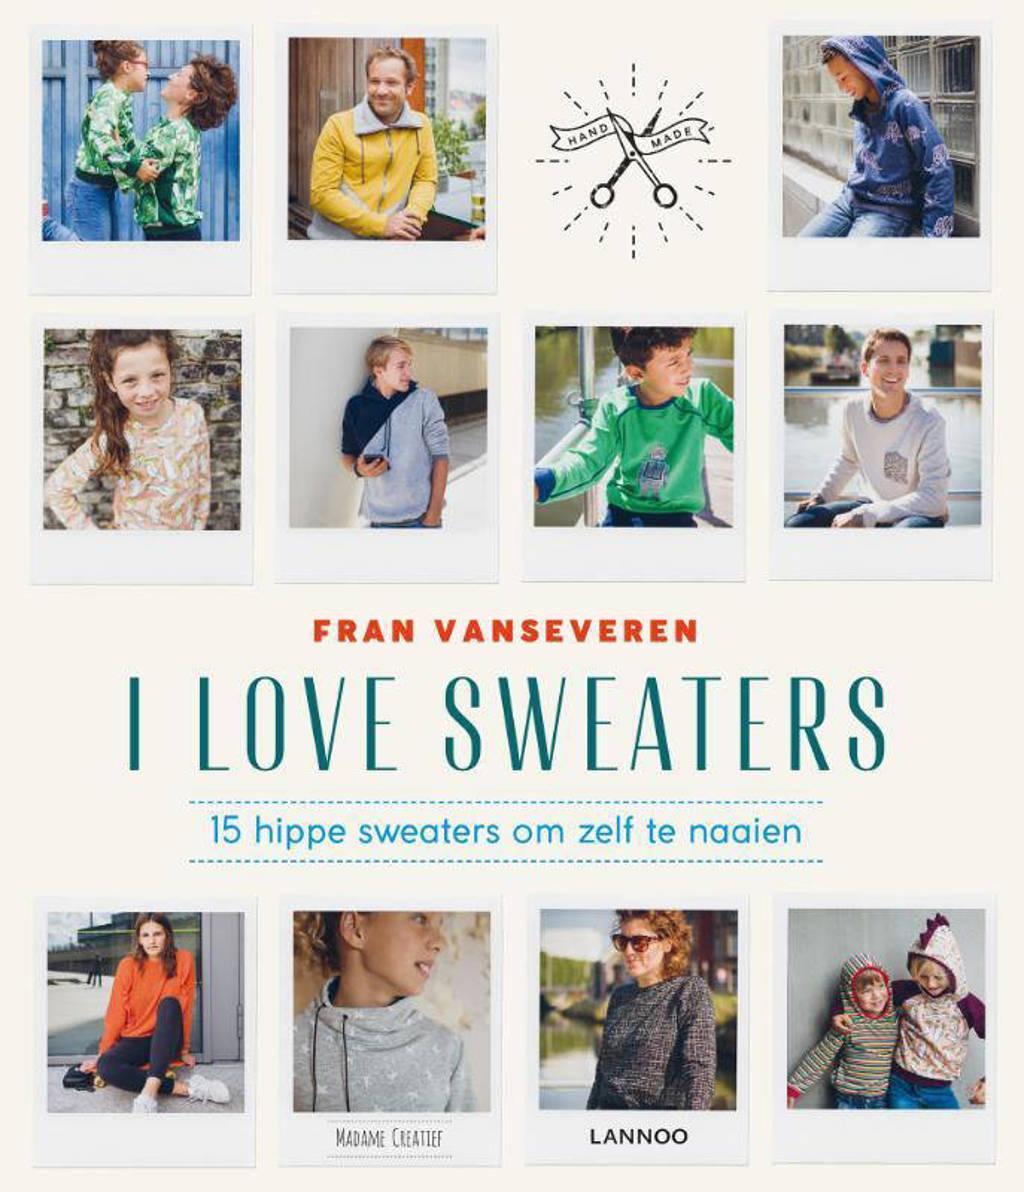 I love sweaters - Fran Vanseveren